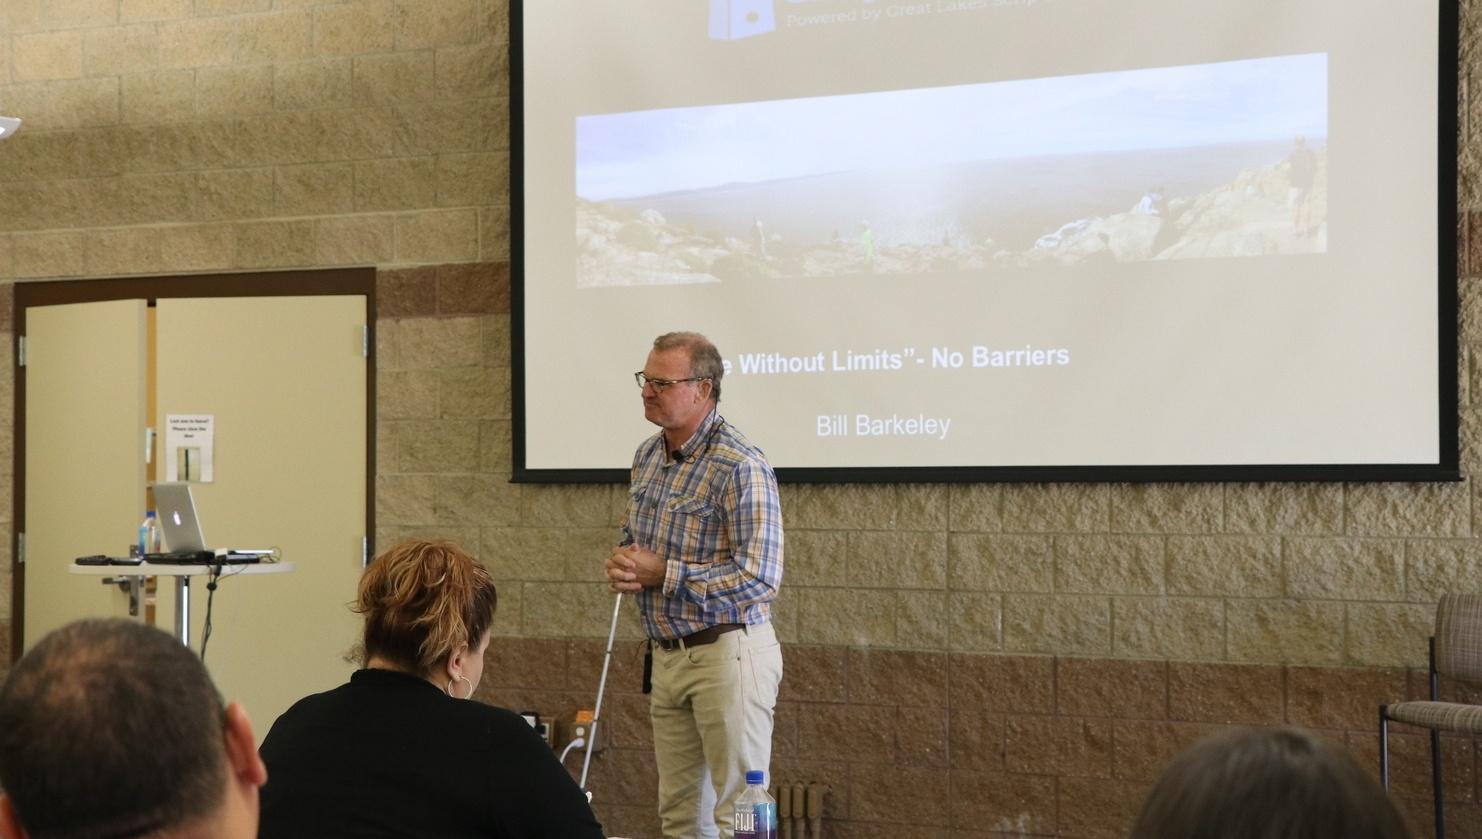 deaf-blind_adventurer_and_storyteller_Bill_Barkeley_speaking_at_RPS